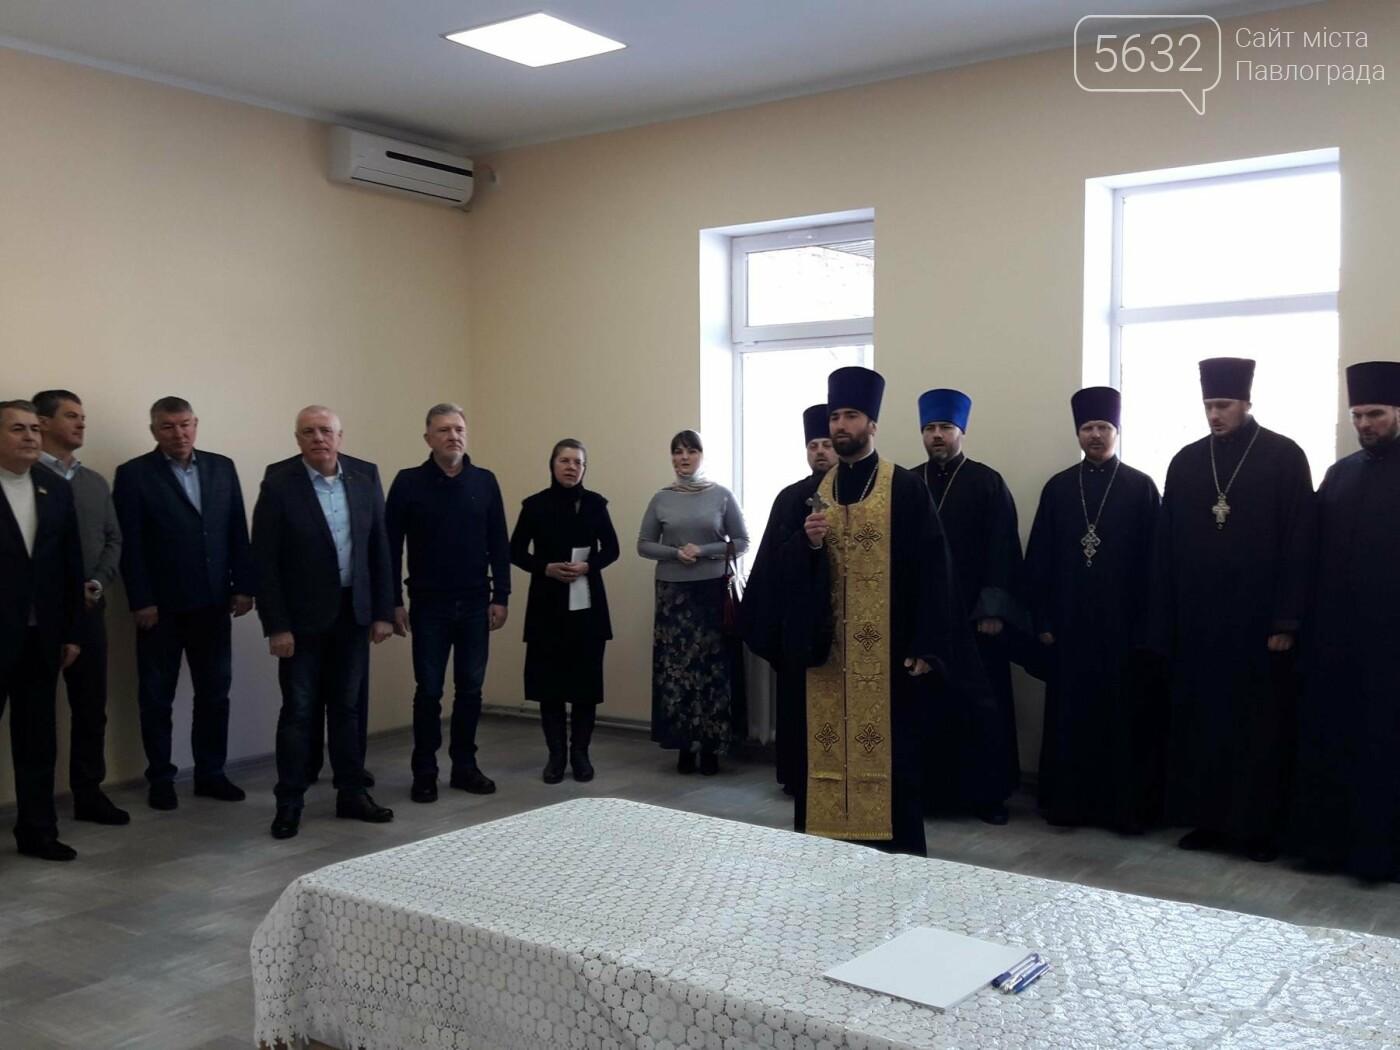 В Павлограде завершился первый этап реконструкции здания Духовно-исторического центра, фото-12